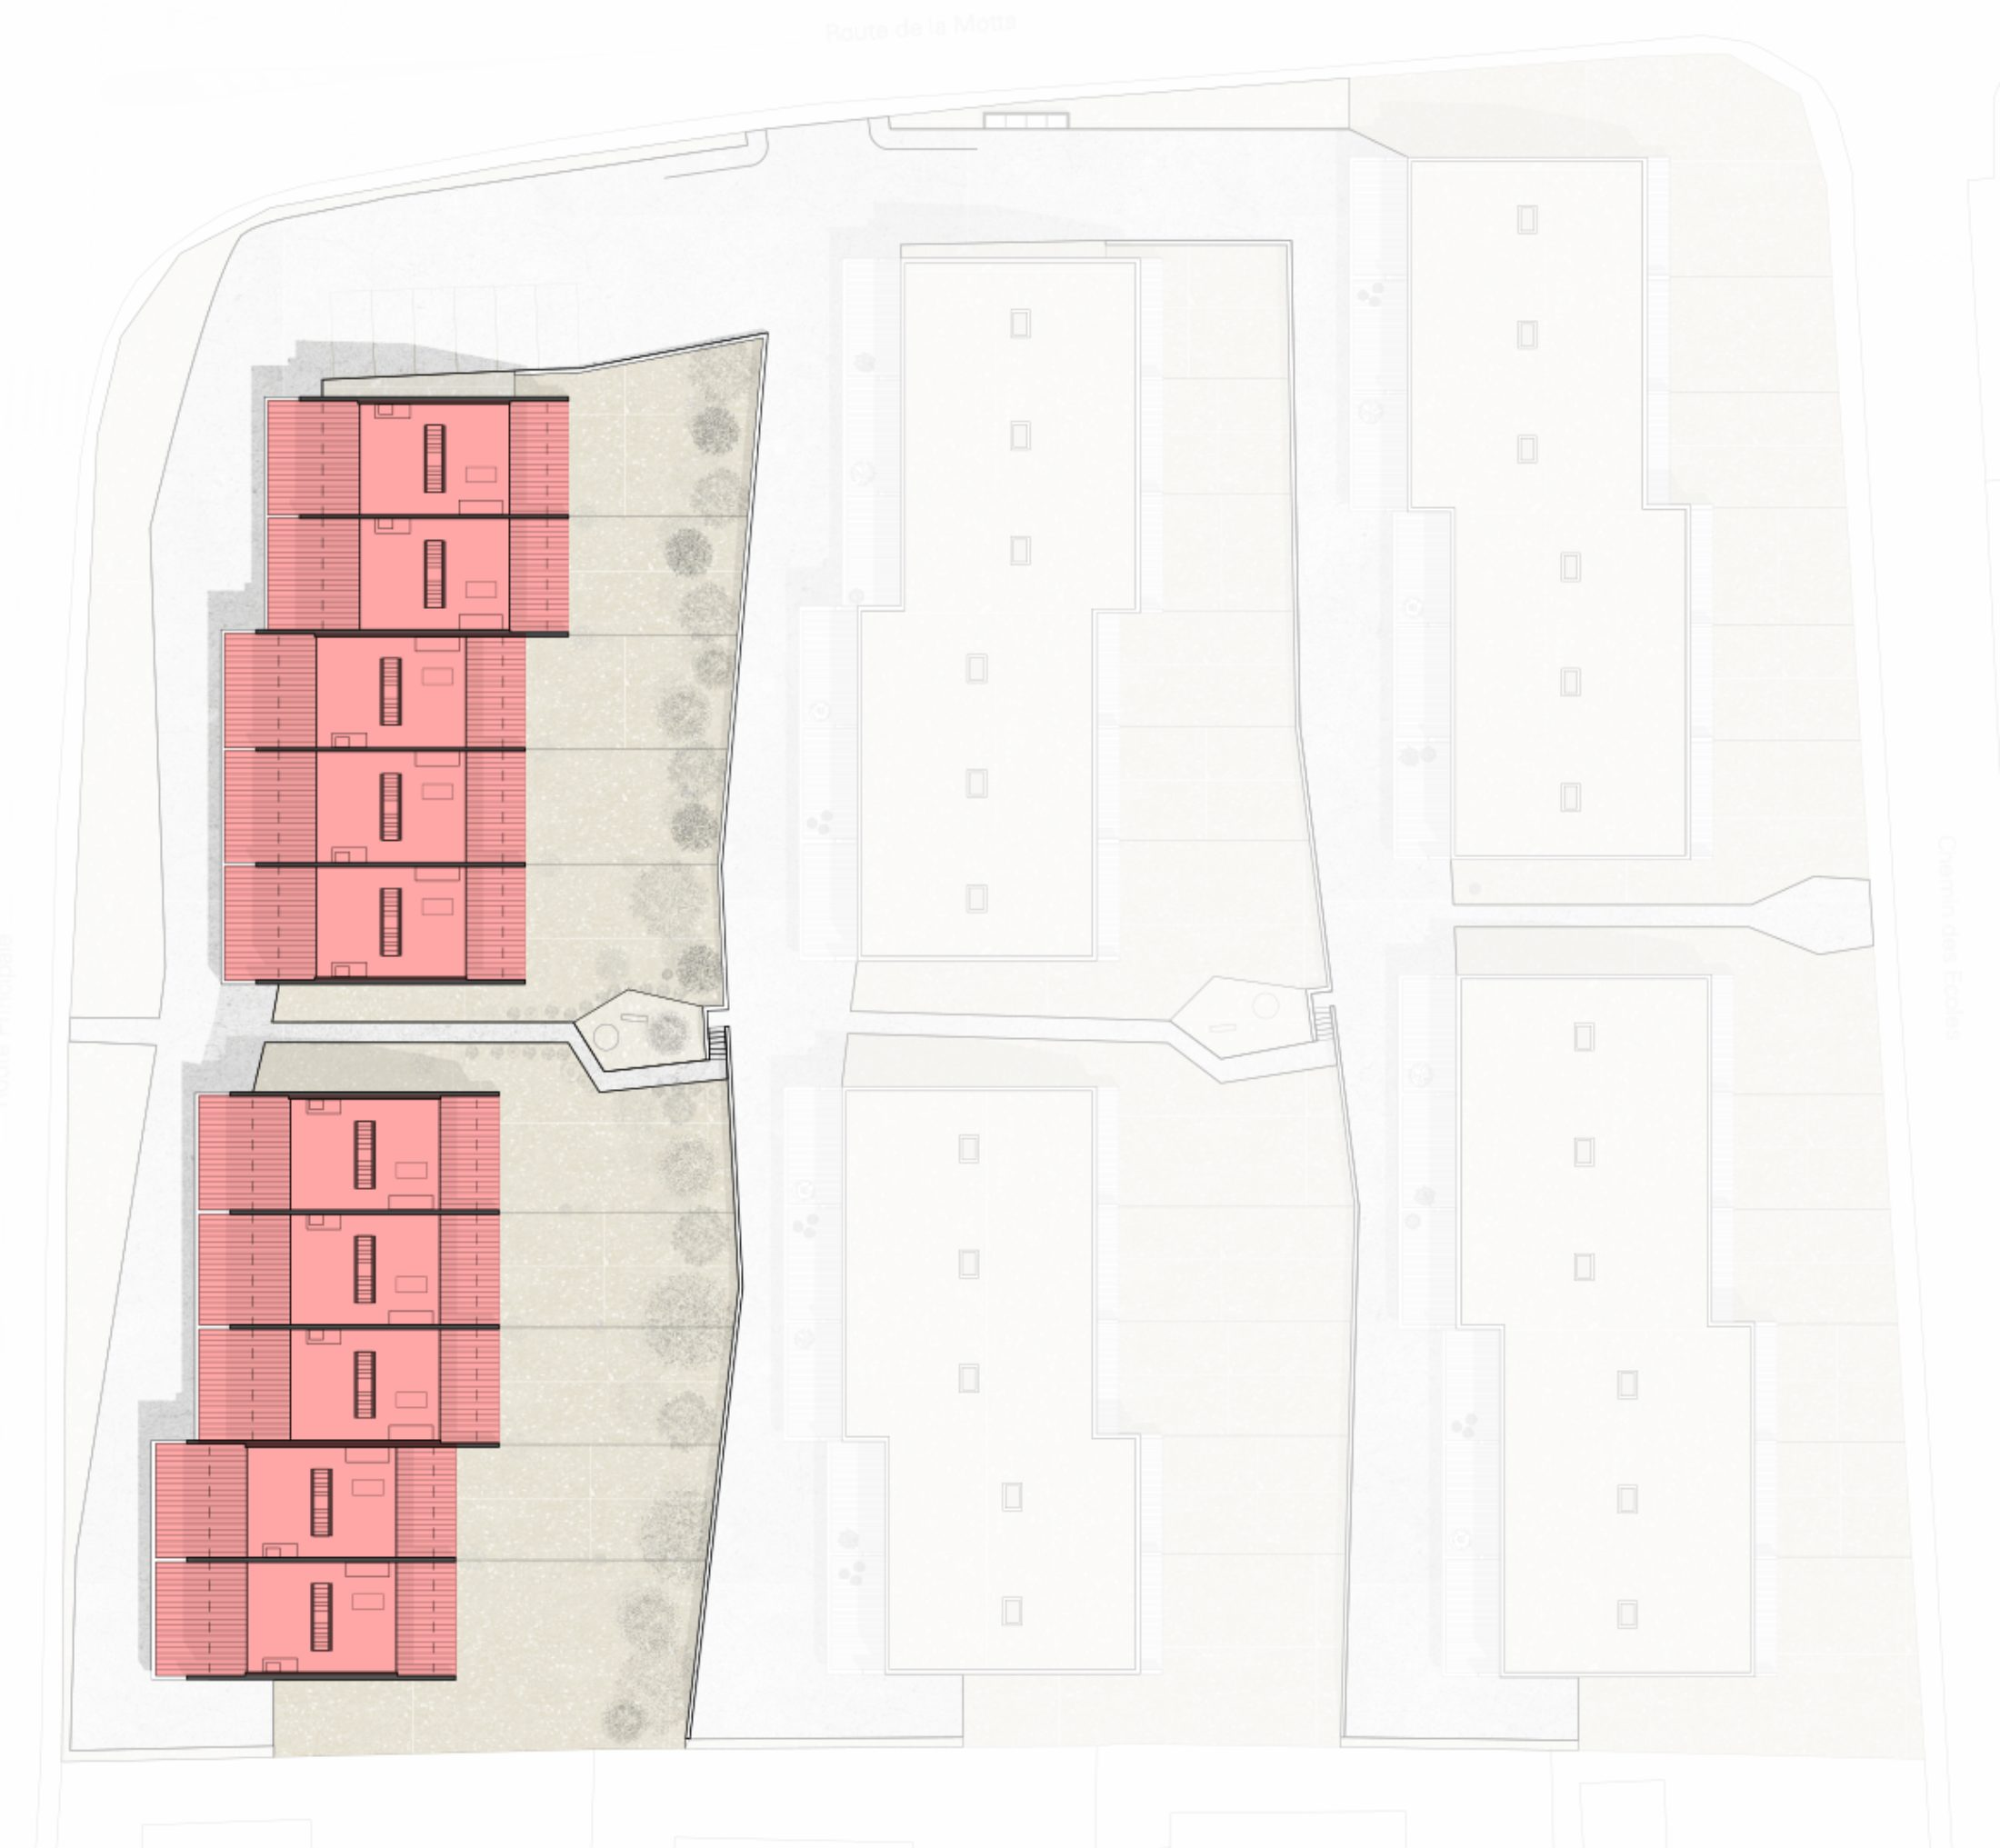 Plan villas ab42389